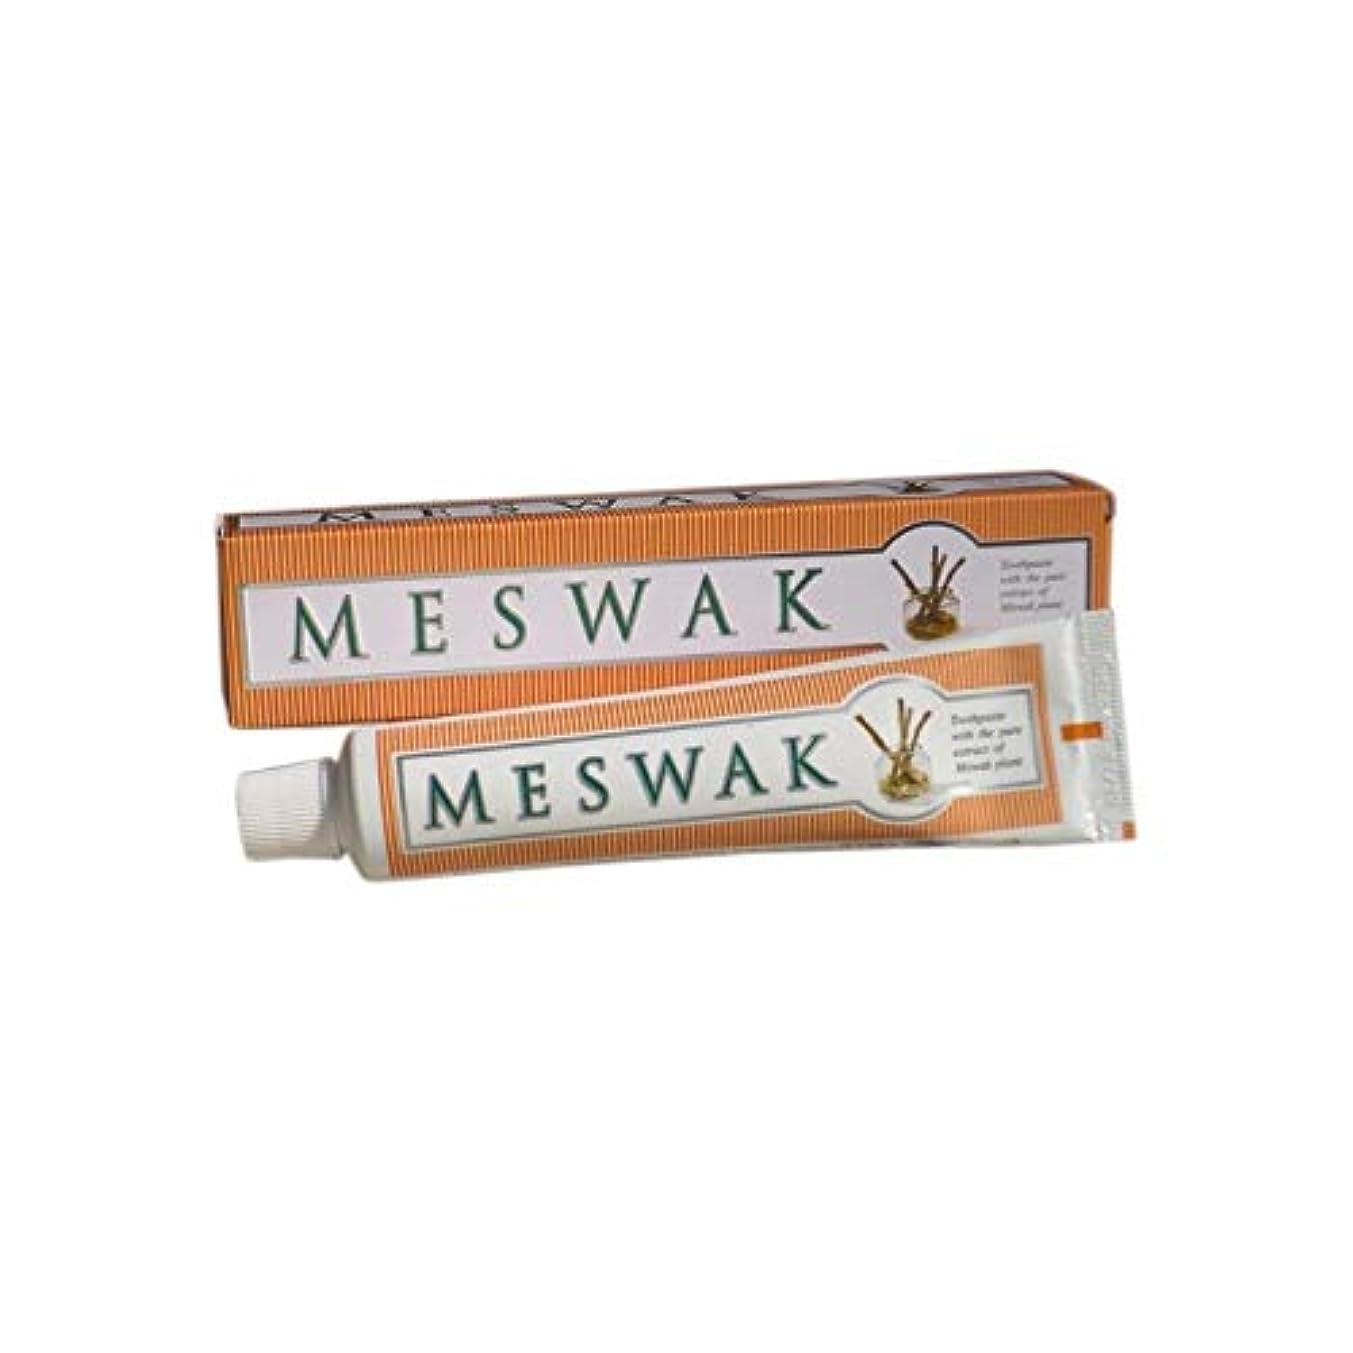 ロック解除物語試みるDabur Meswak Complete Oral Care 100g